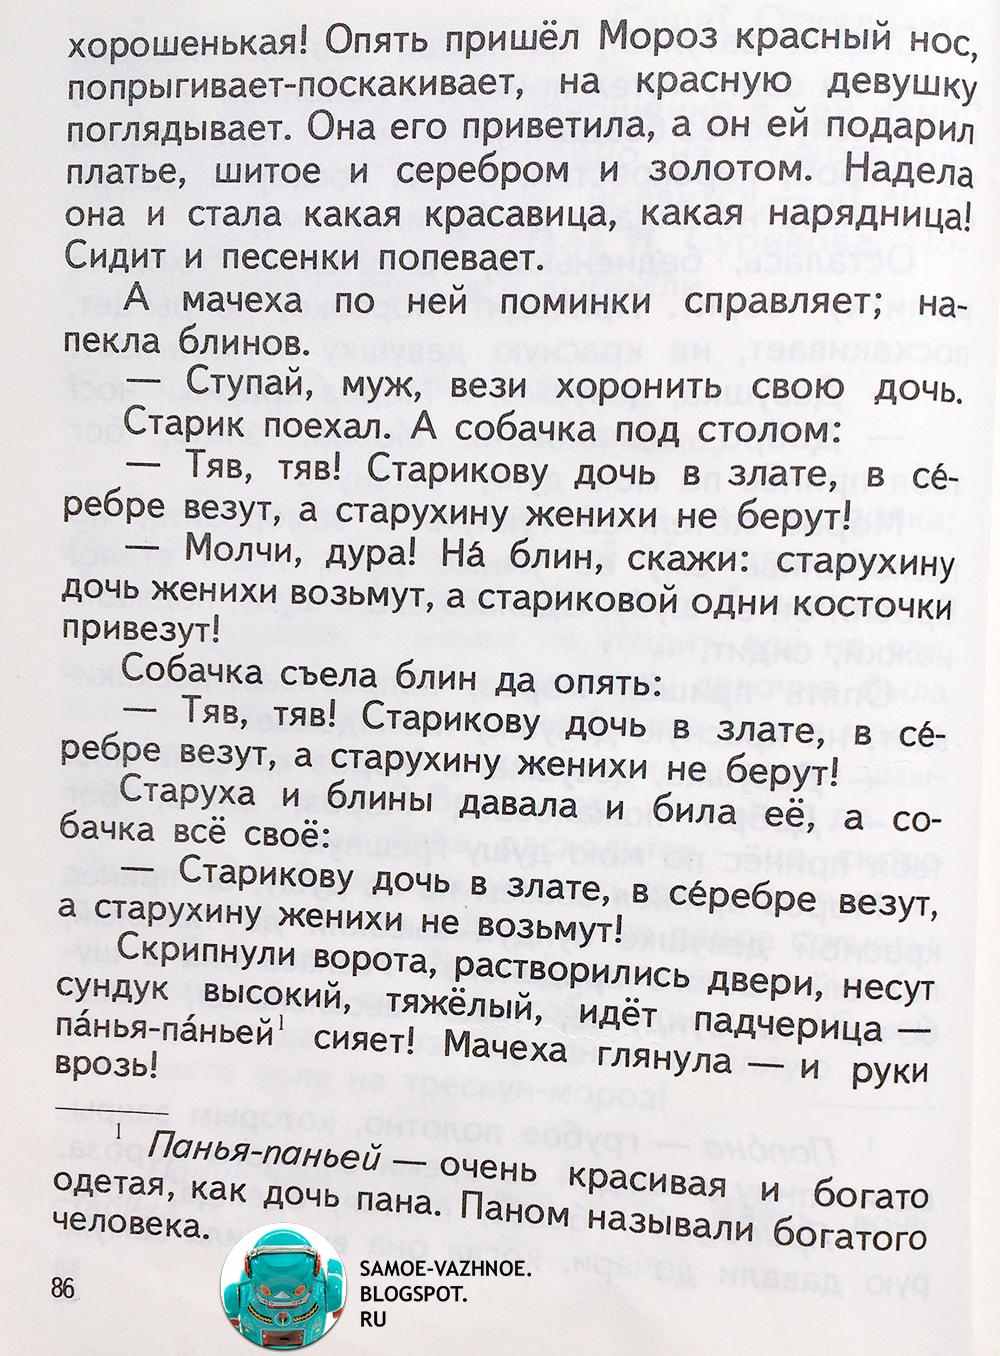 Жёлтый учебник детства рассказы, стихи, 90е годы